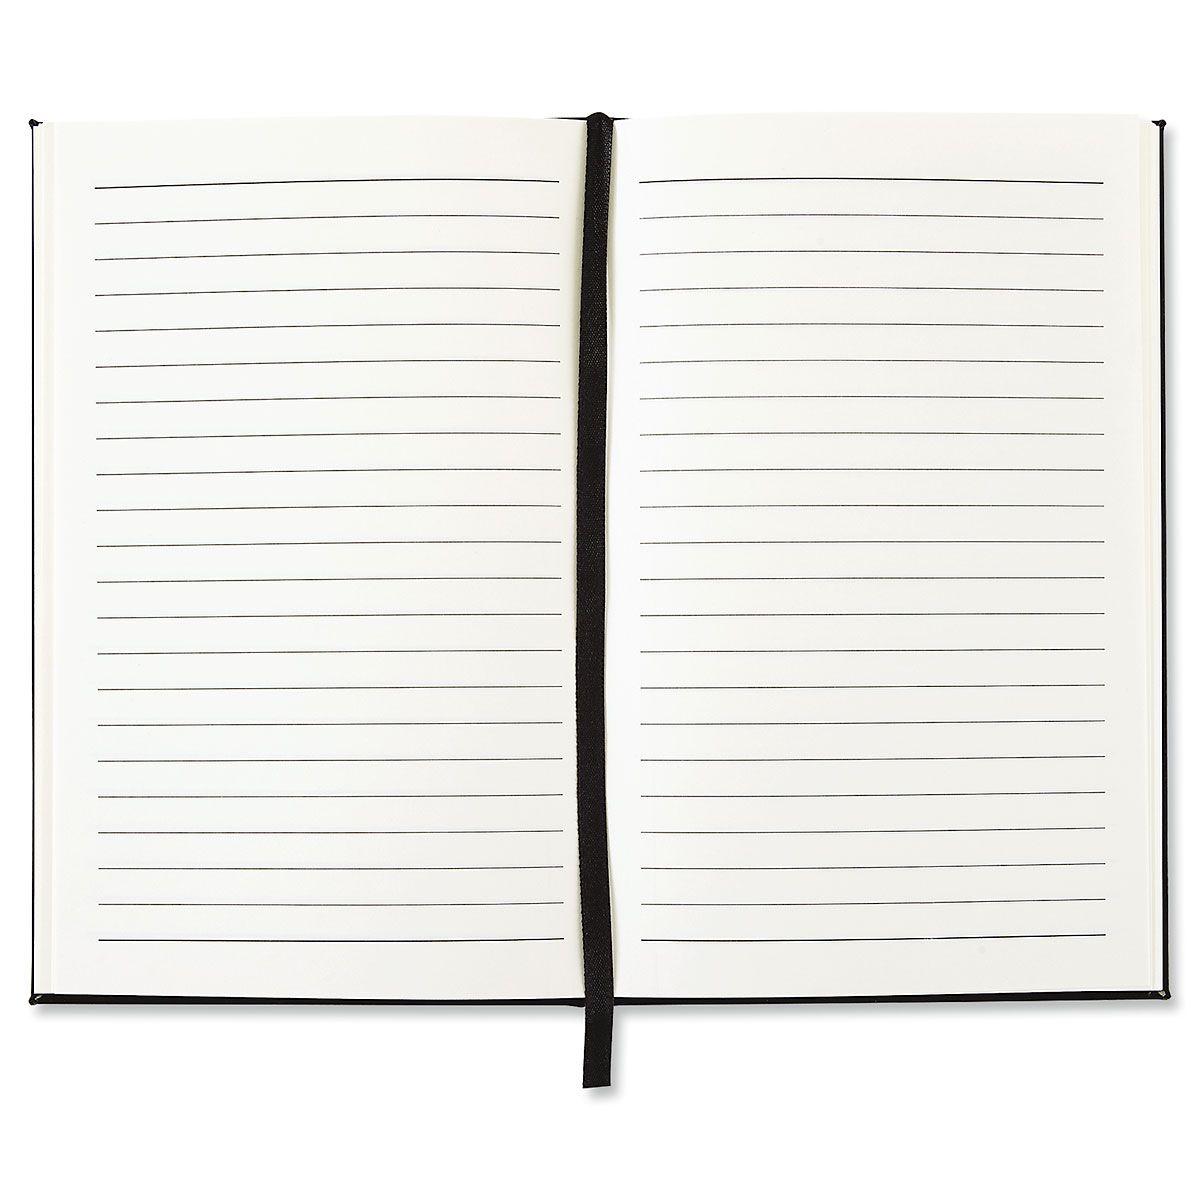 Leo Zodiac Personalized Journal